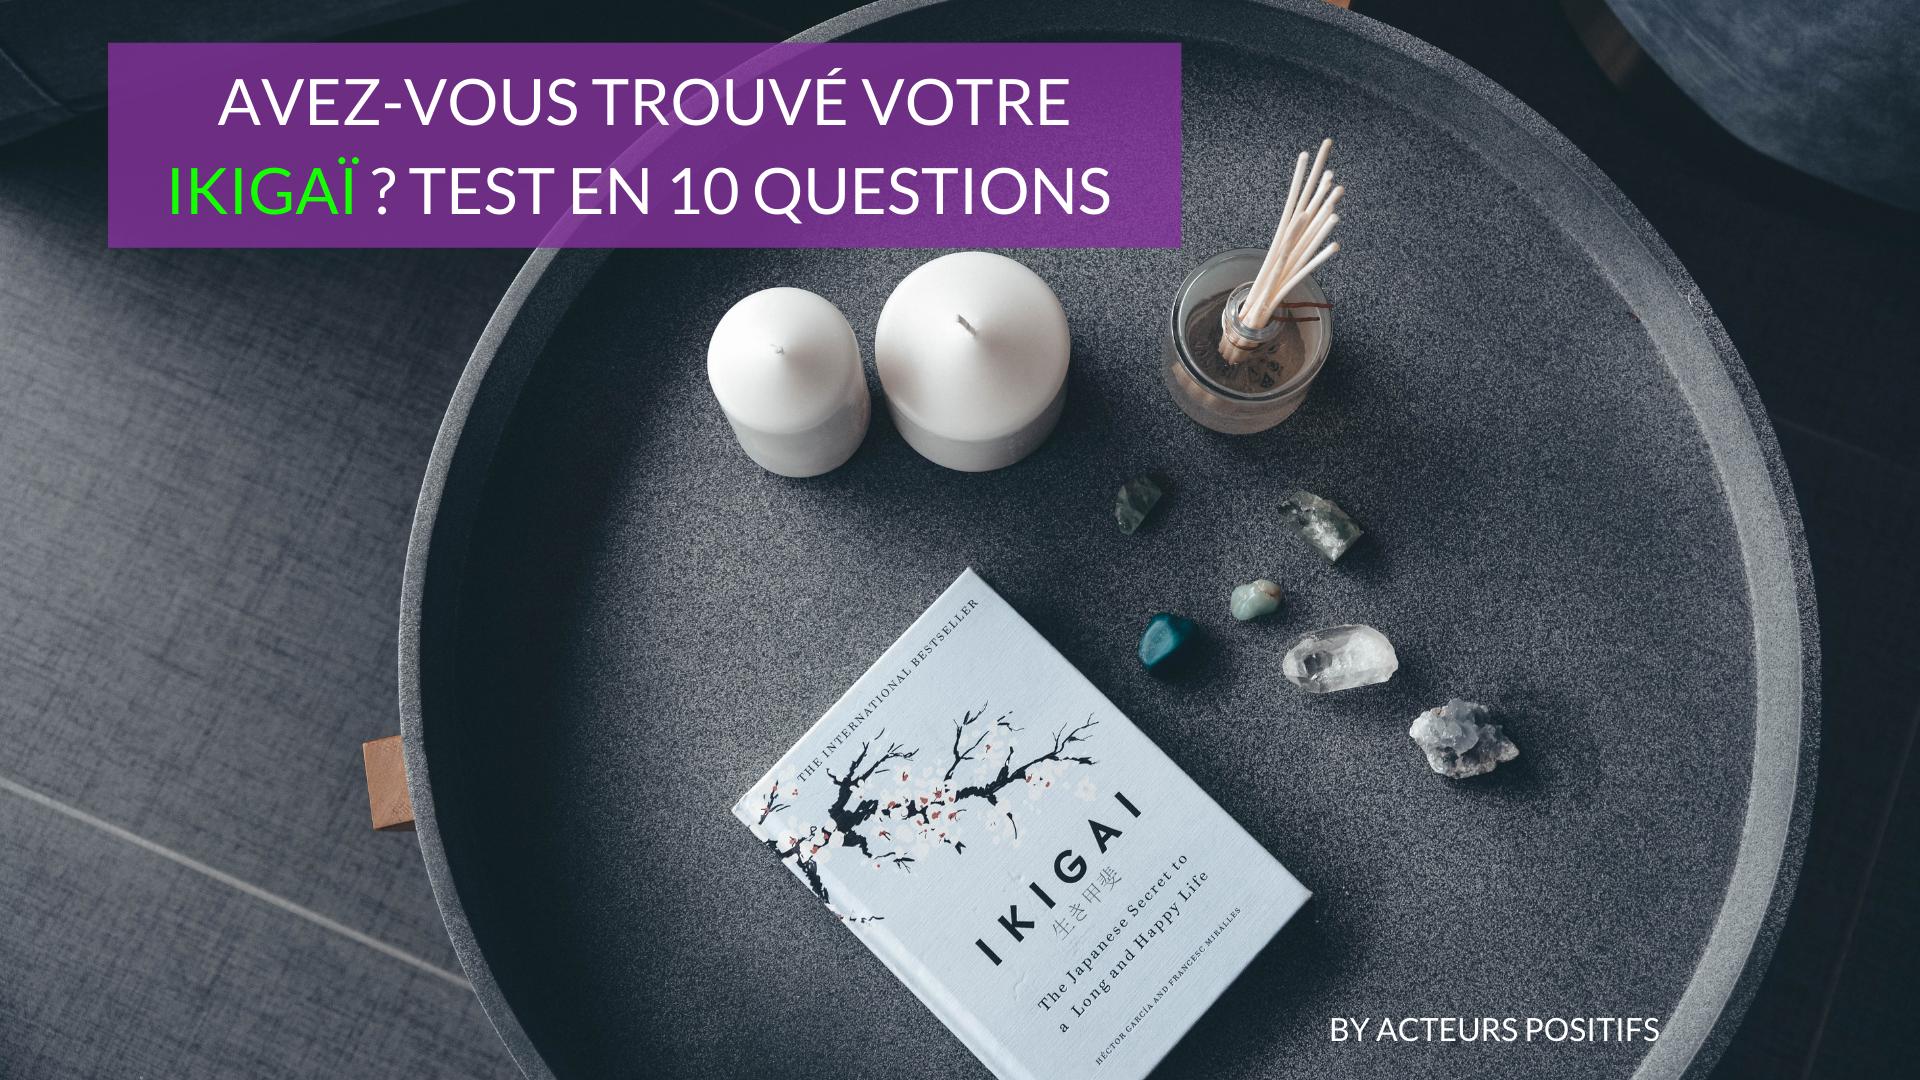 Avez-vous trouvé votre Ikigaï? Test en 10 questions